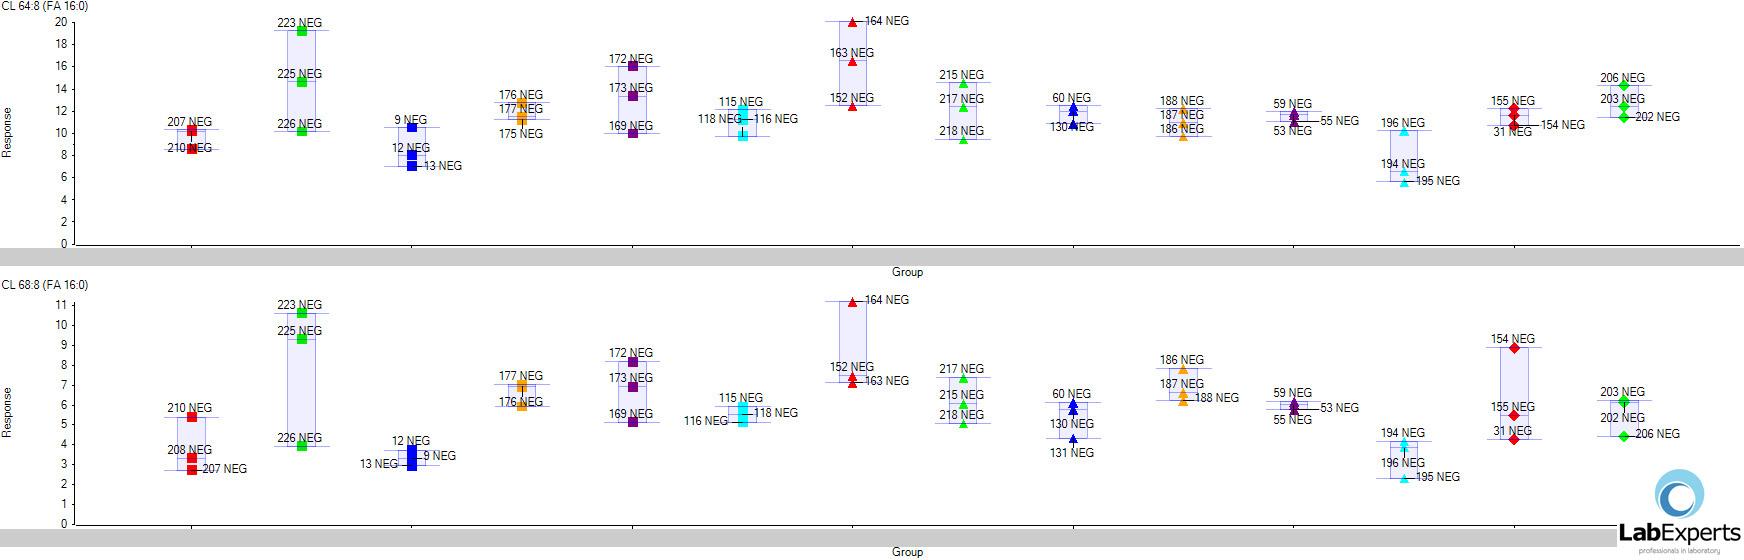 Shotgun lipidomics - Przykładowe profilowanie kardiolipiny 64:8 (FA 16) i 68:8 (FA 16).